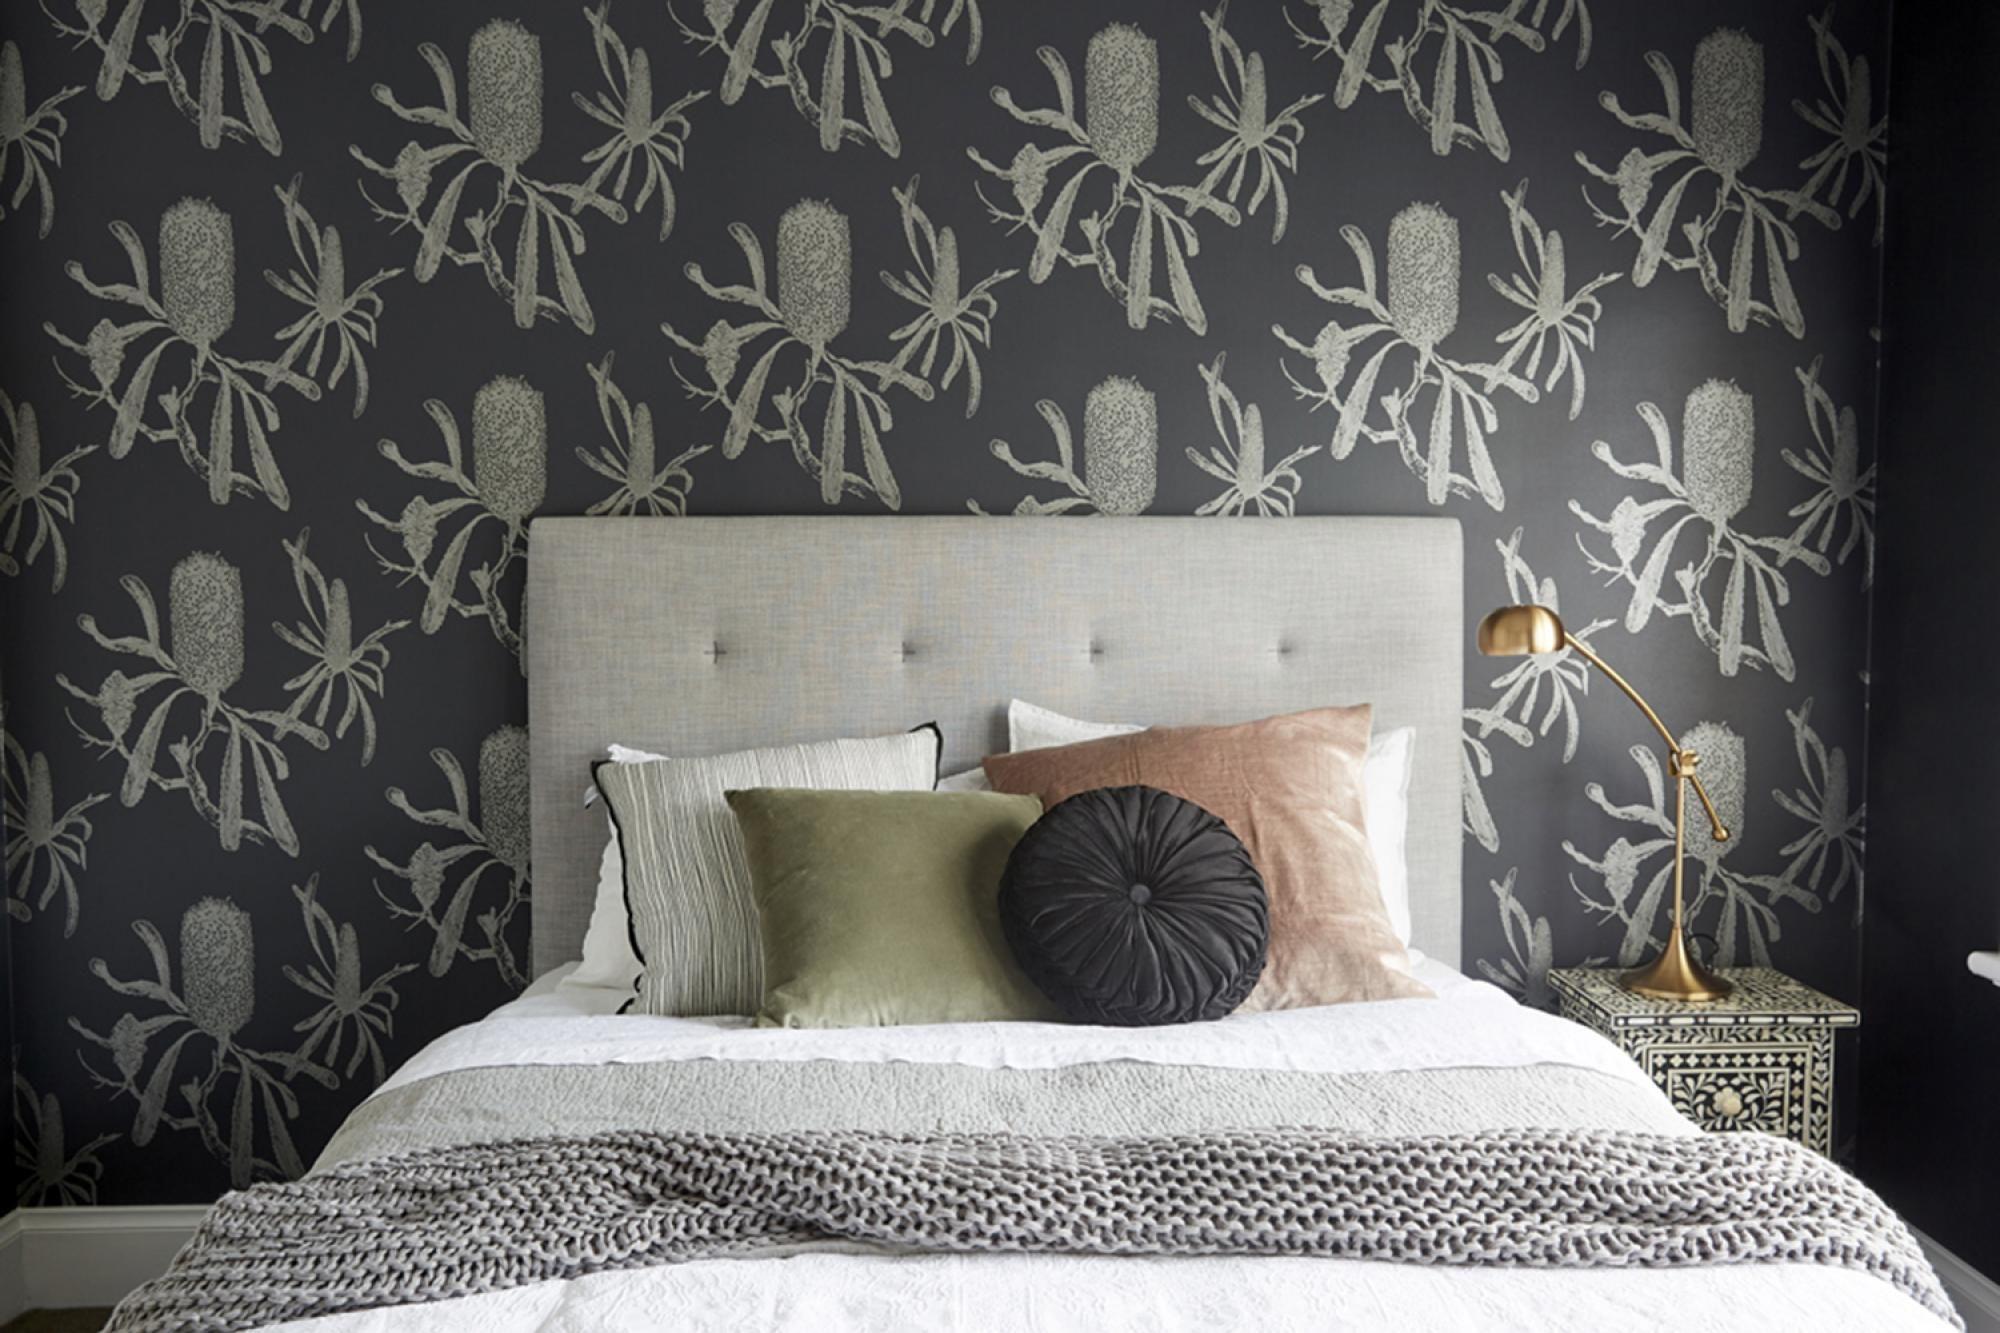 Sarah u jason week guest bedroom wall art decor pinterest